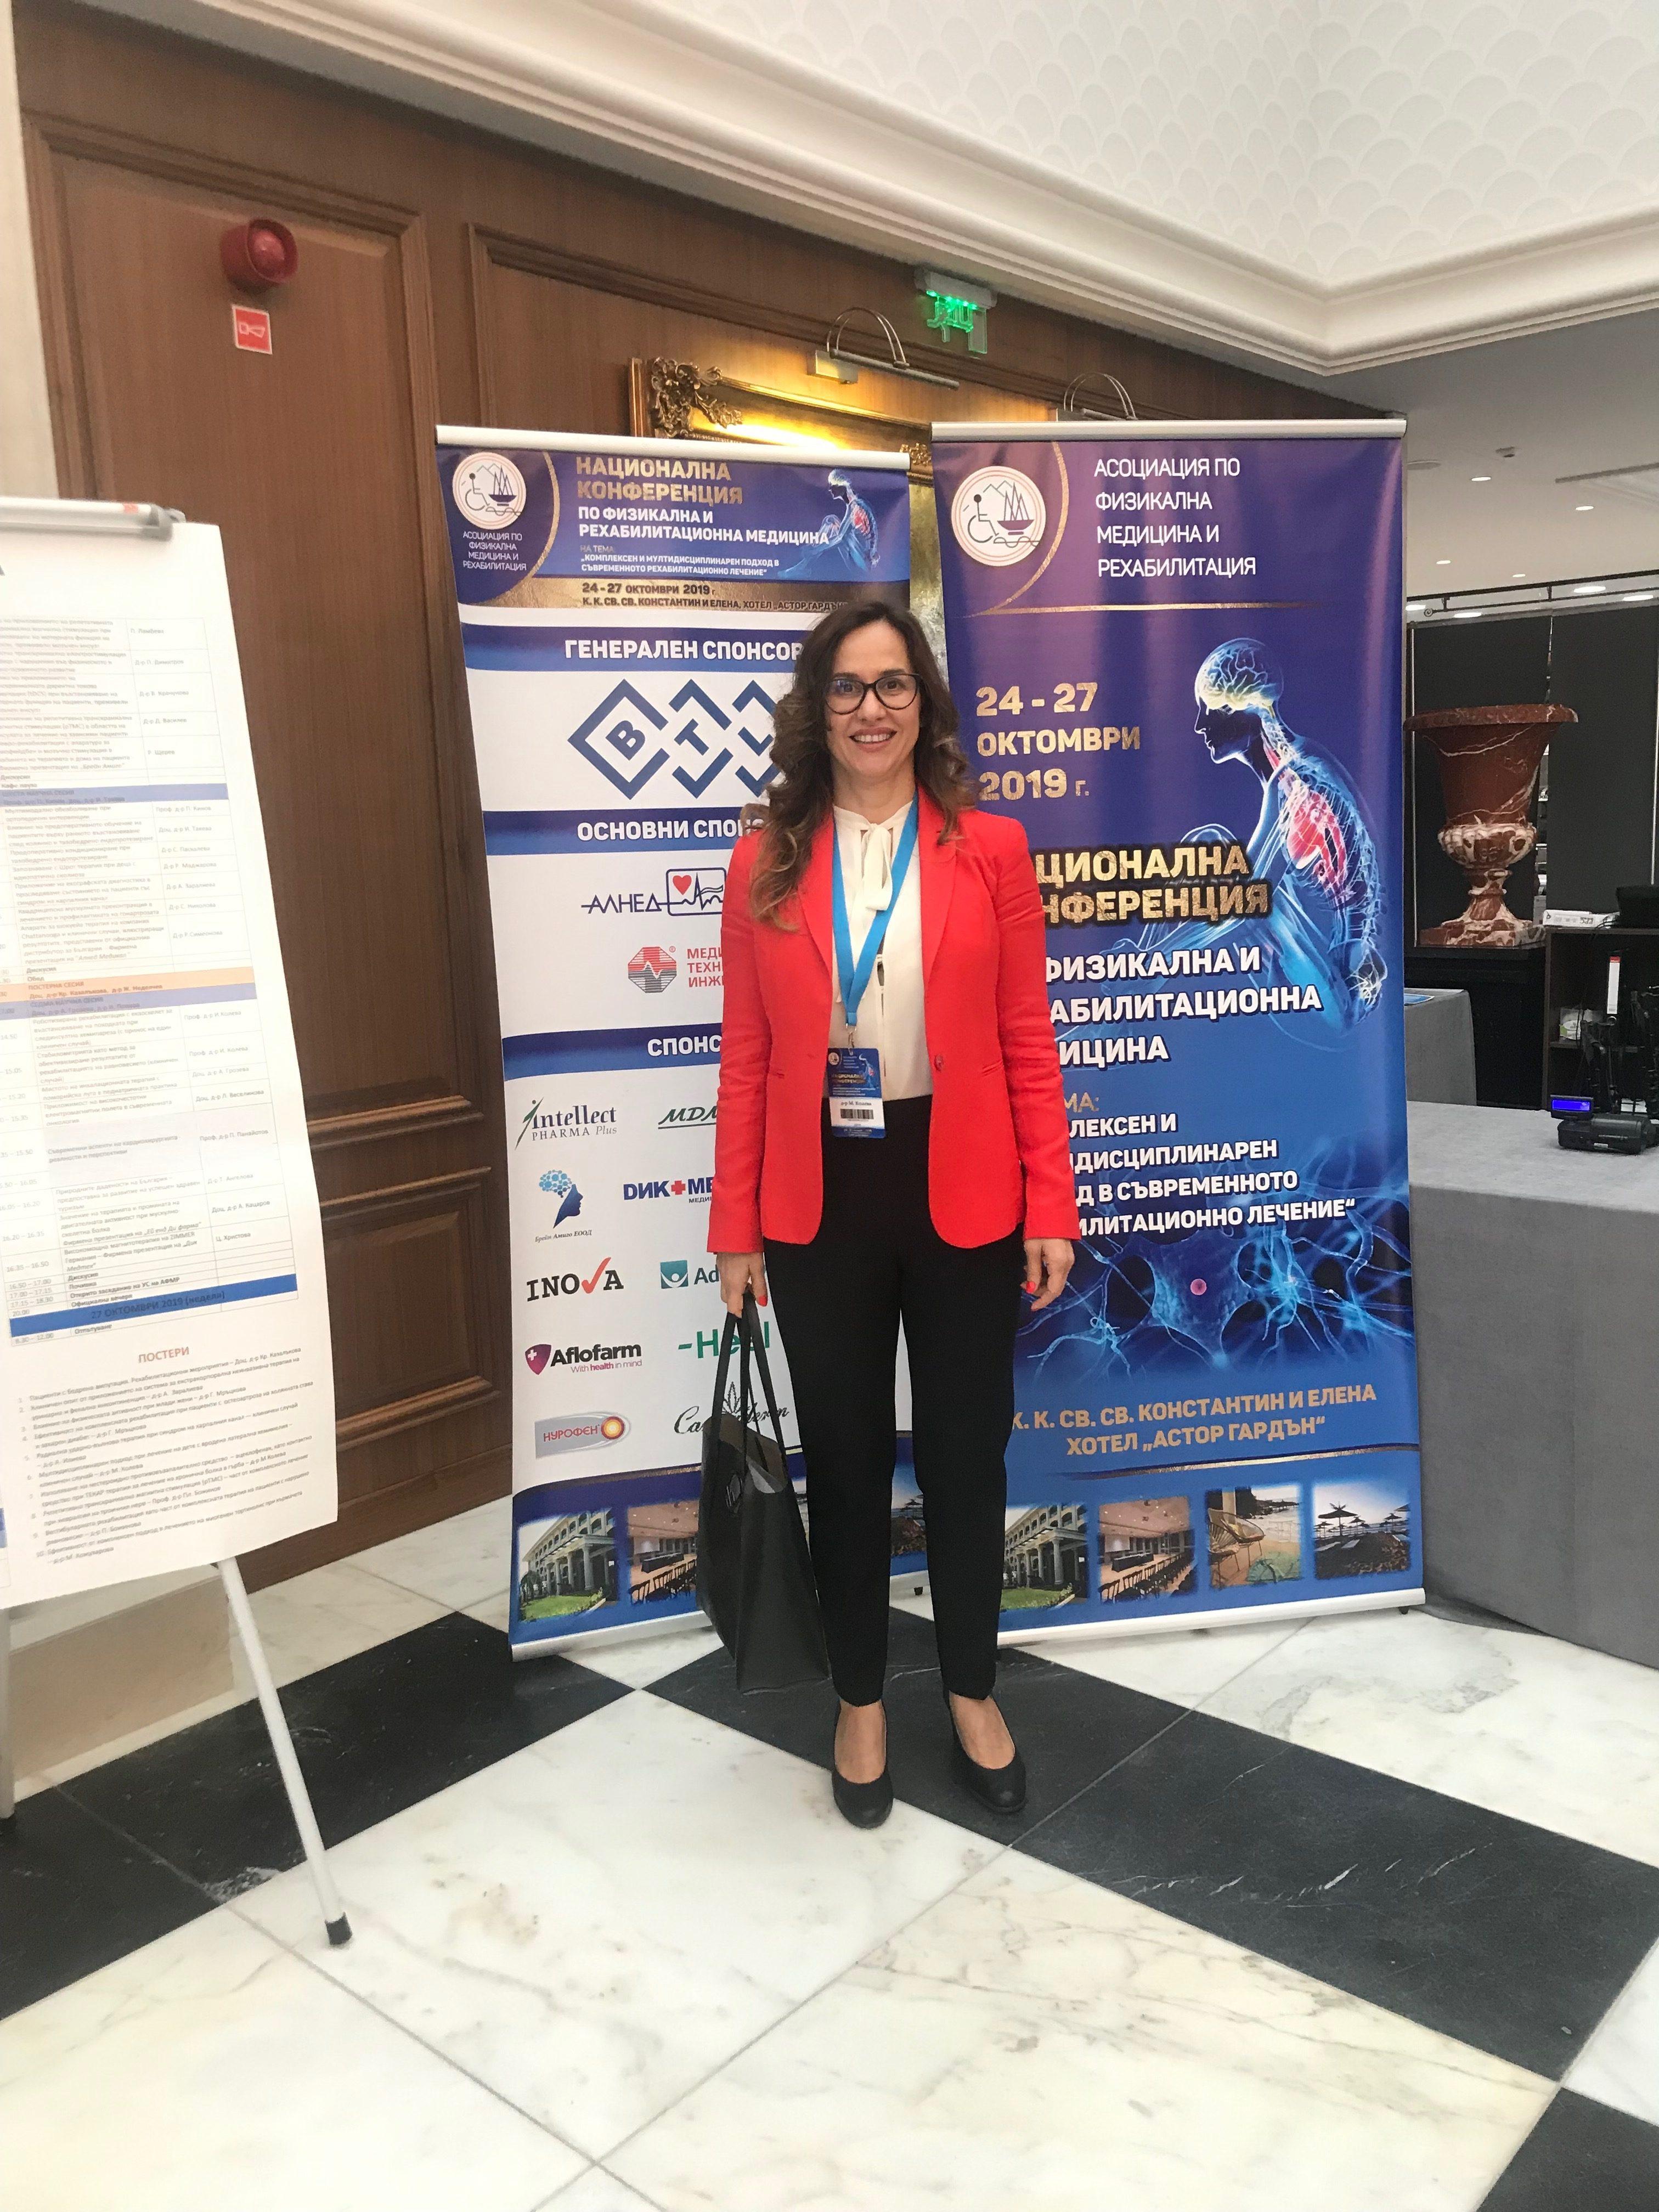 Д-р Колева - Конференция - Съвременна рехабилитация